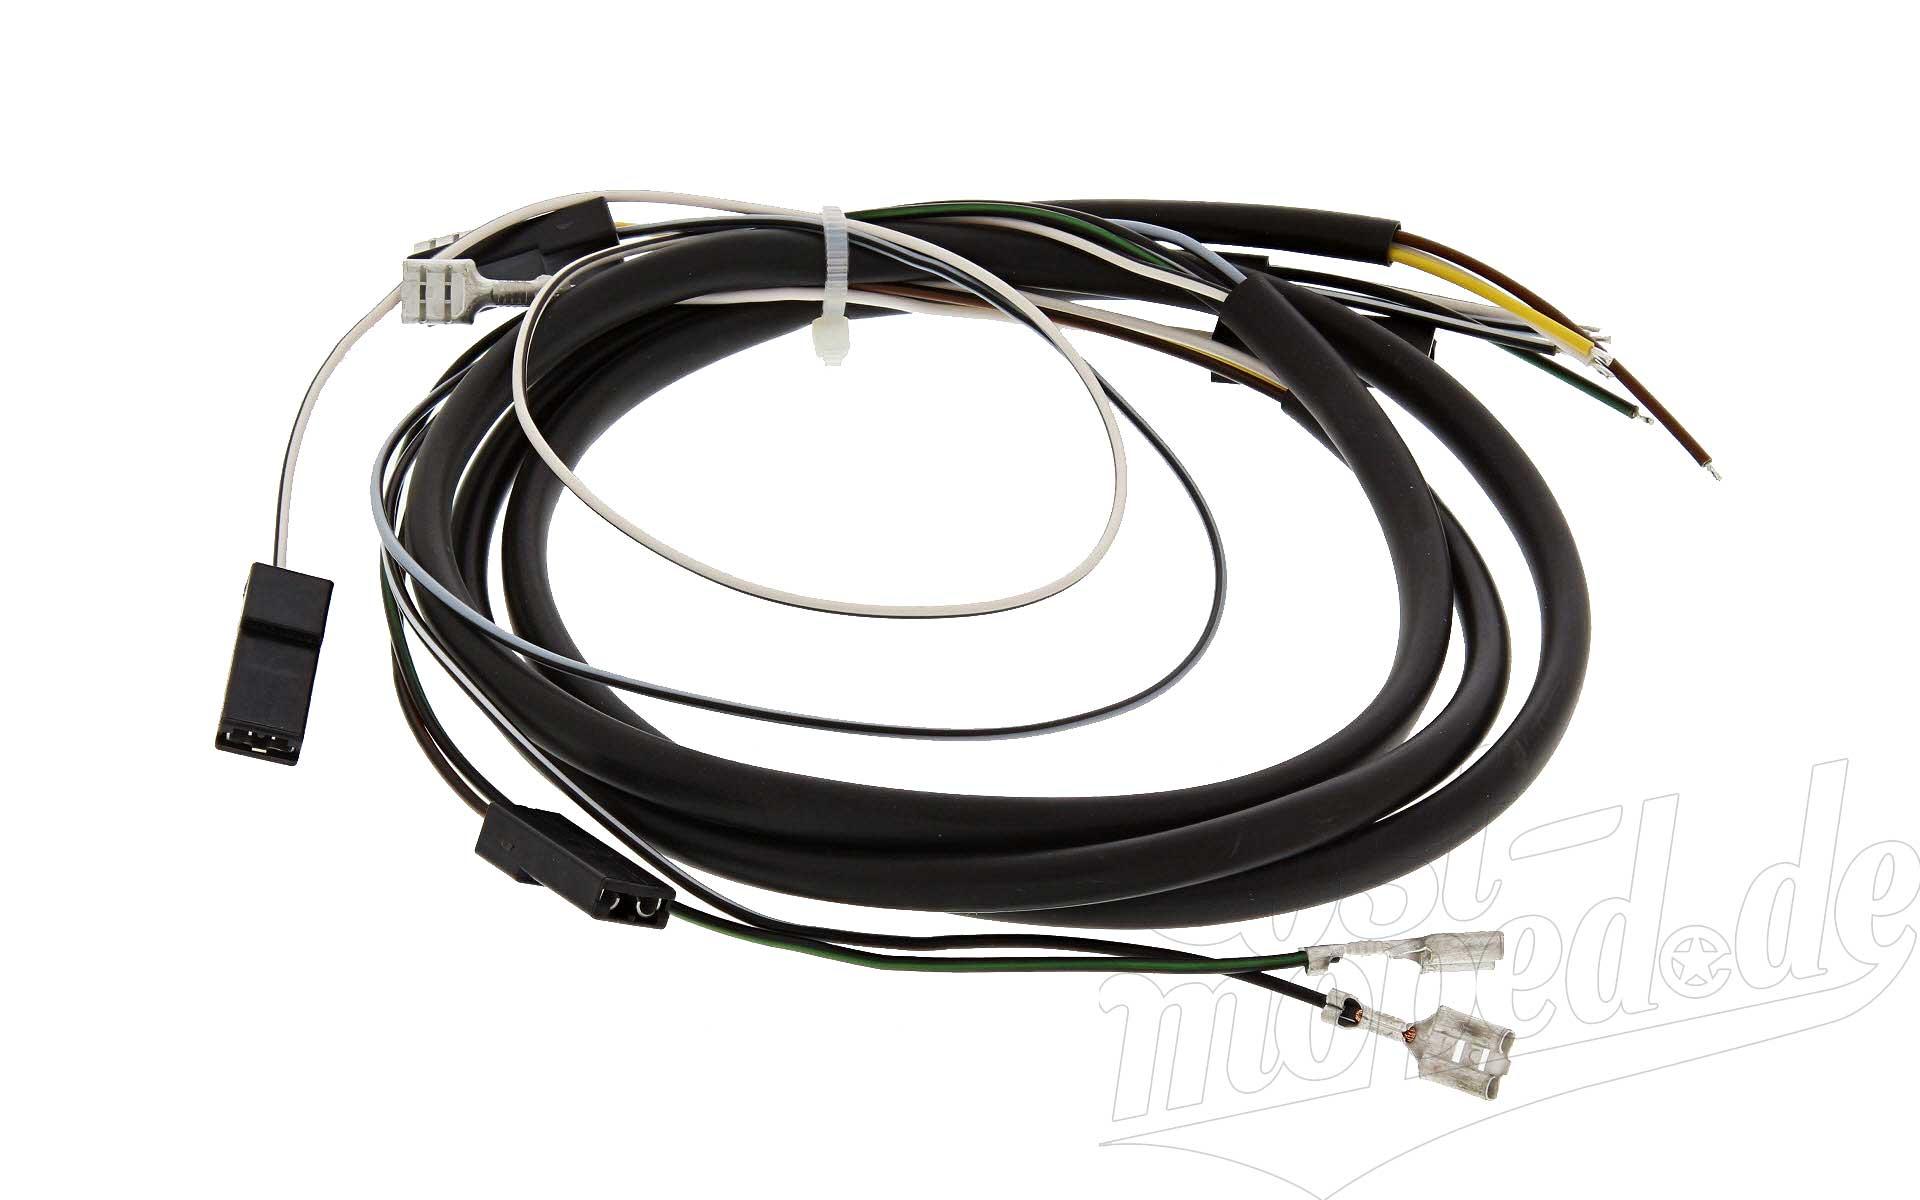 SR80 Simson SR50 Kabelbaum für Schalterkombination 12 Volt ohne Lichthupe